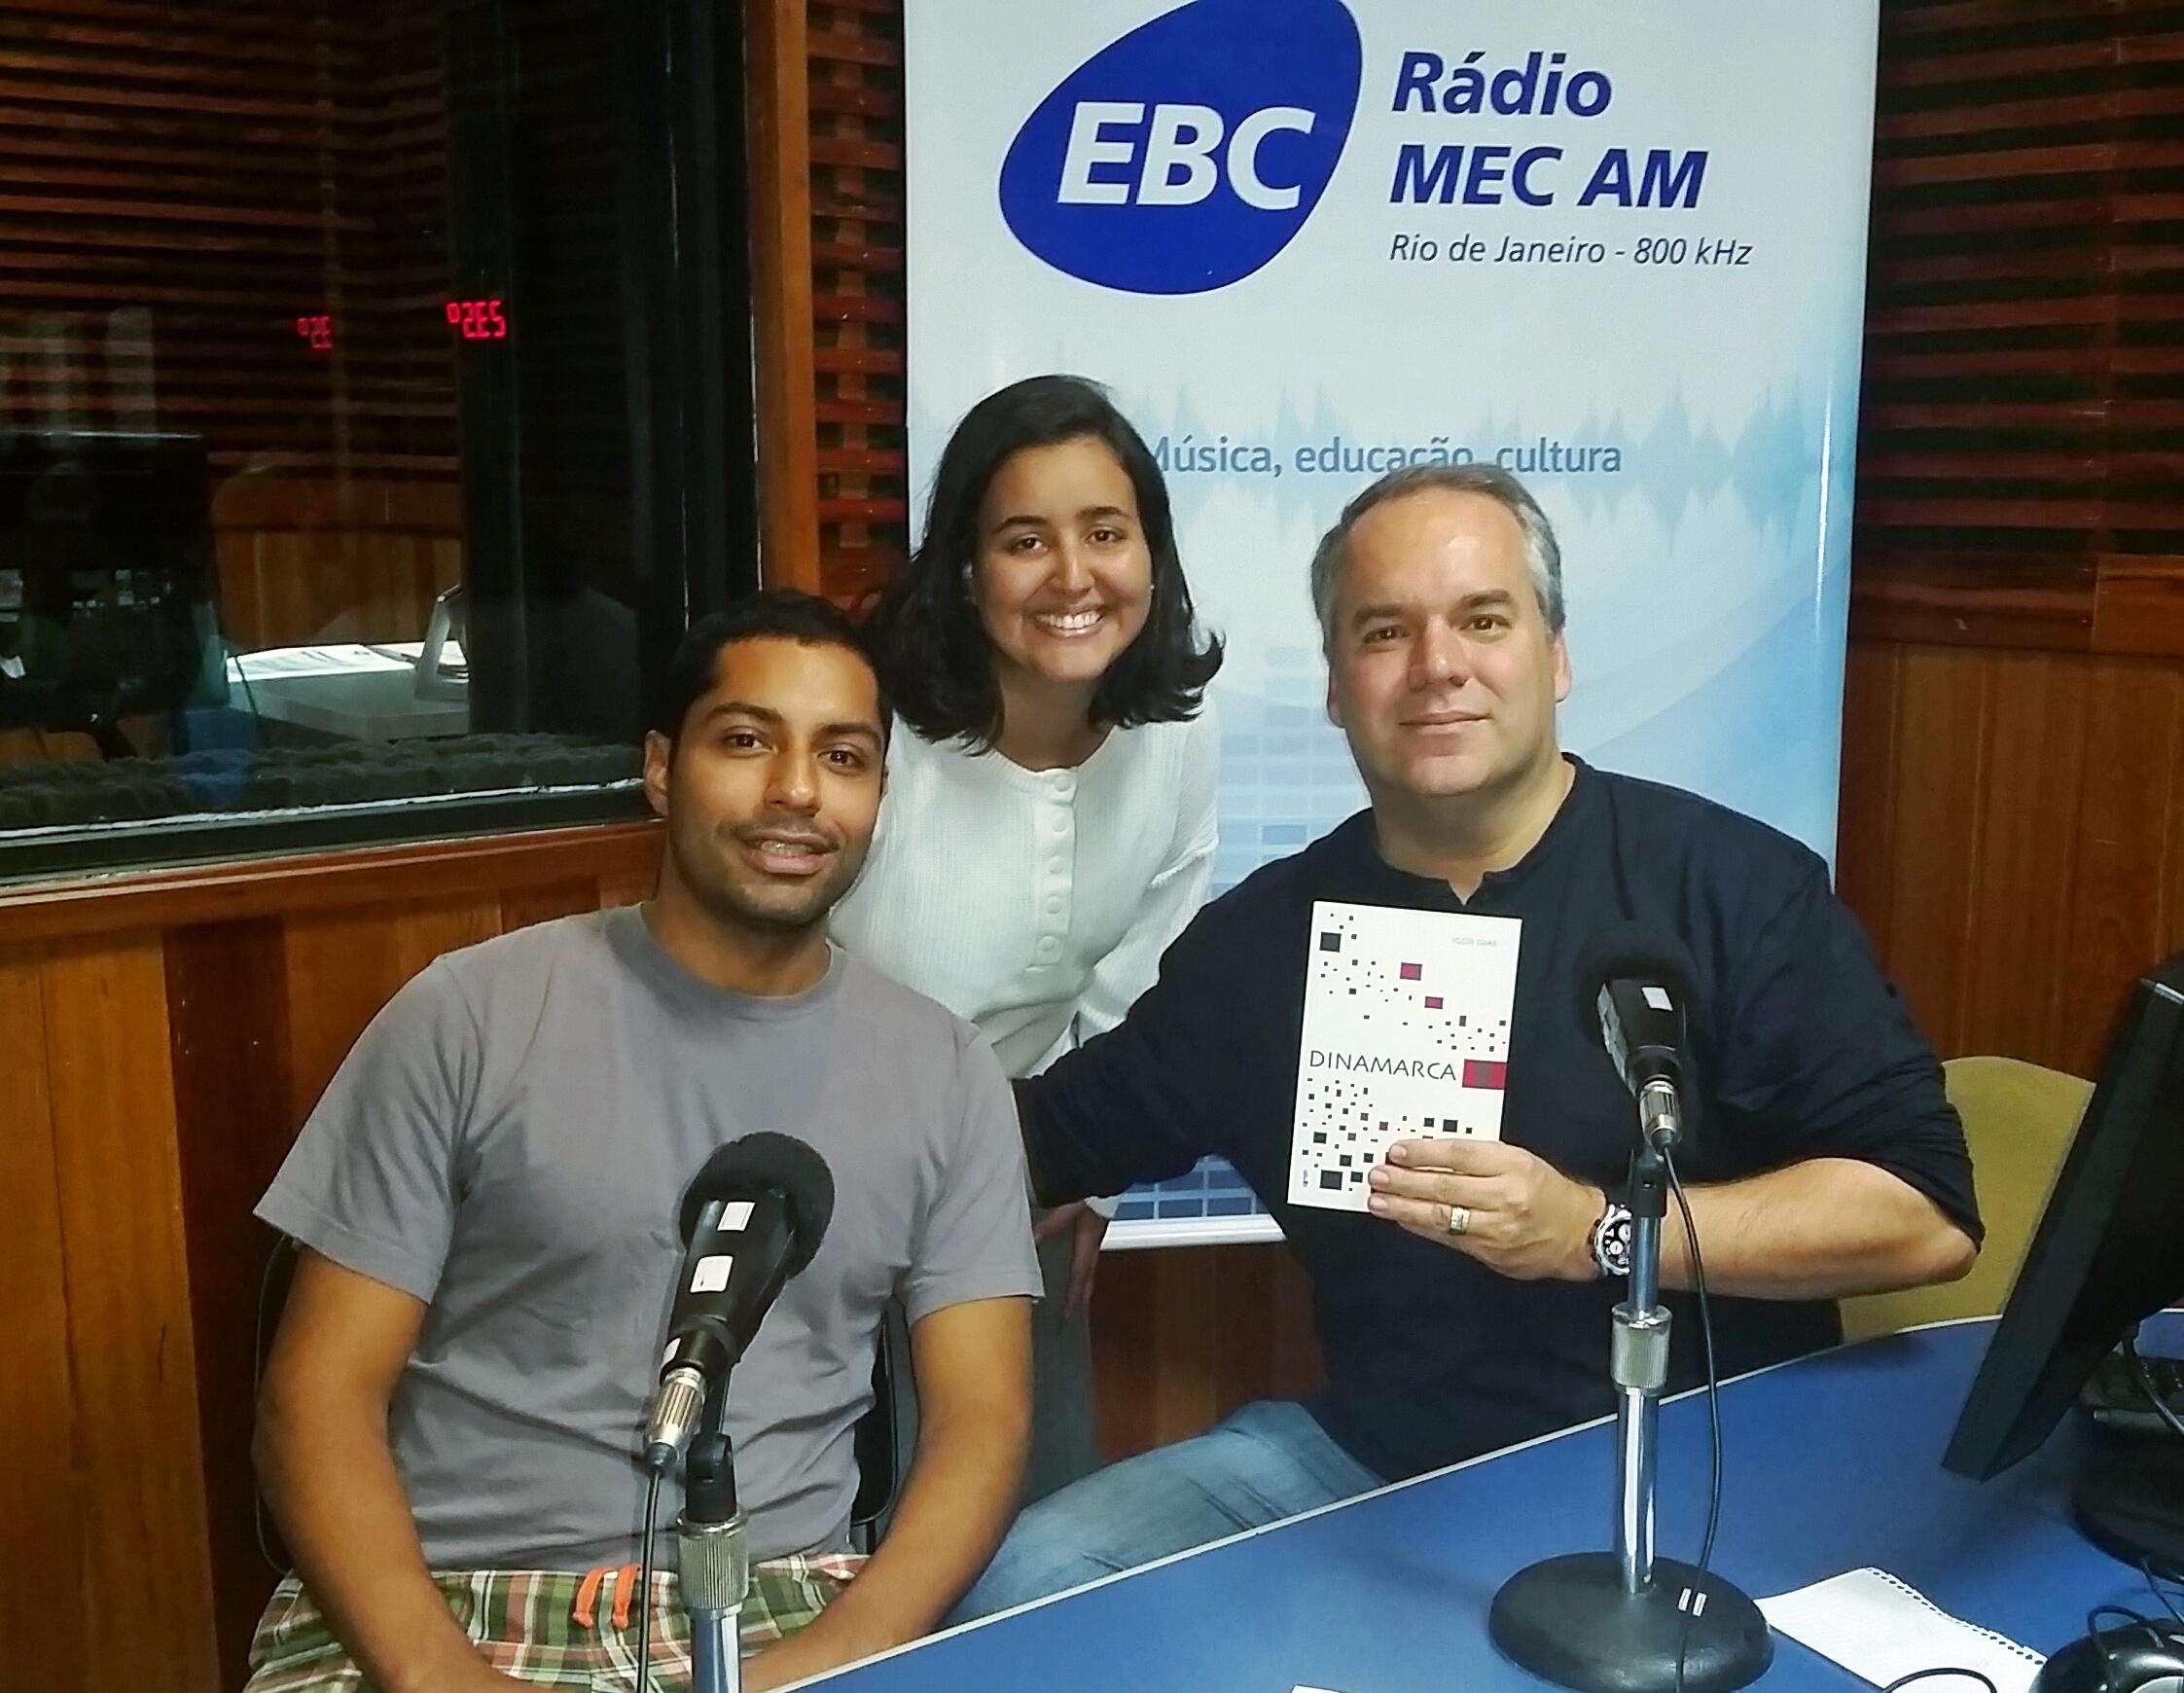 Cadu Freitas entrevista o jovem autor Igor Dias, com a participação da estudante Milena Lopes (Foto: Divulgação)